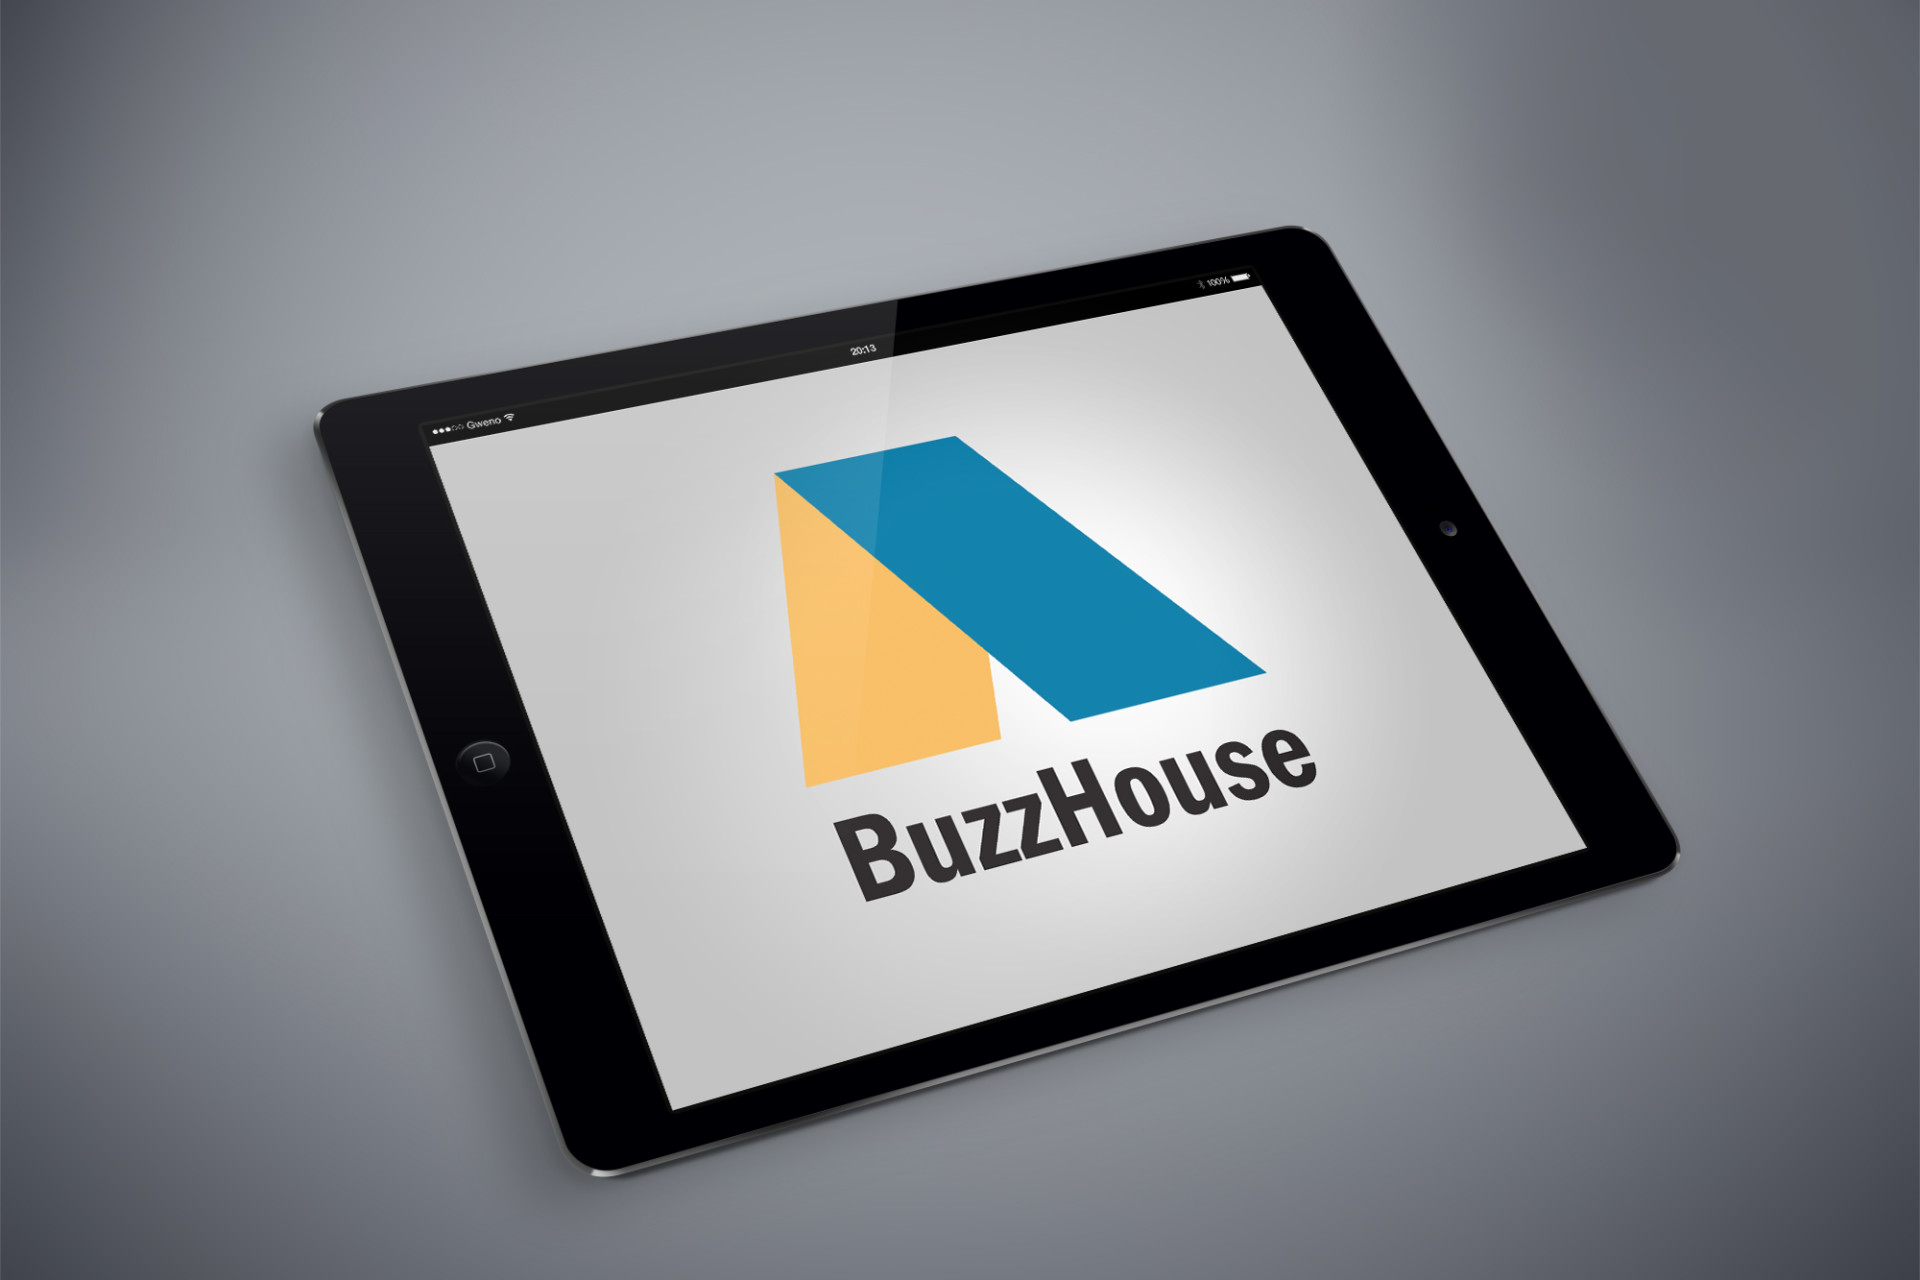 buzzhouse tablet